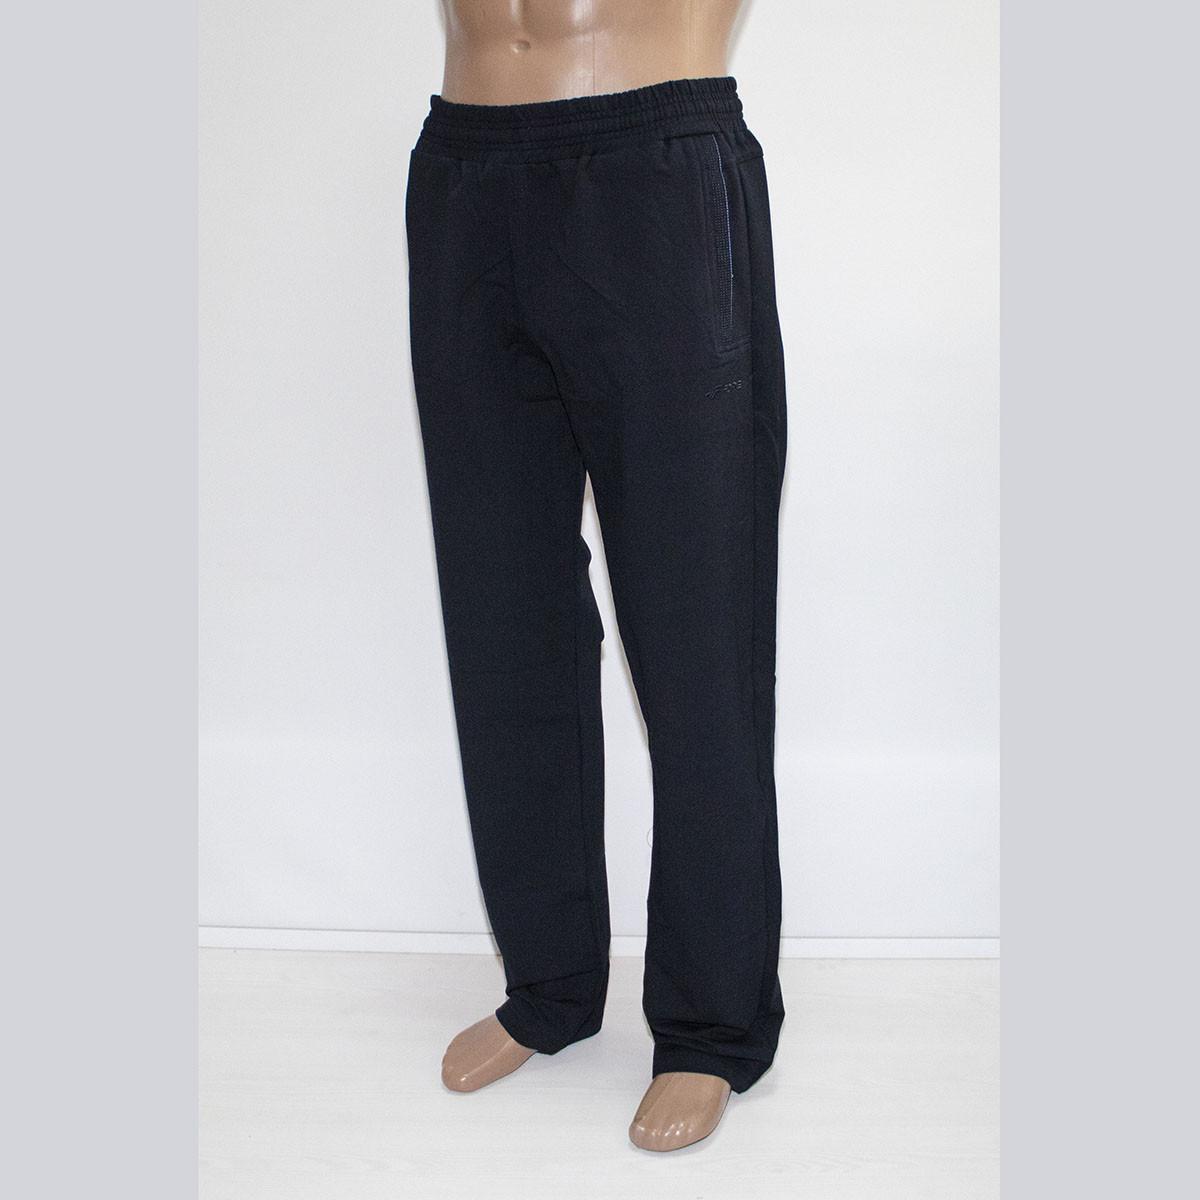 Мужские спортивные штаны большие размеры Турция XL-3XL  тм. FORE 9638g